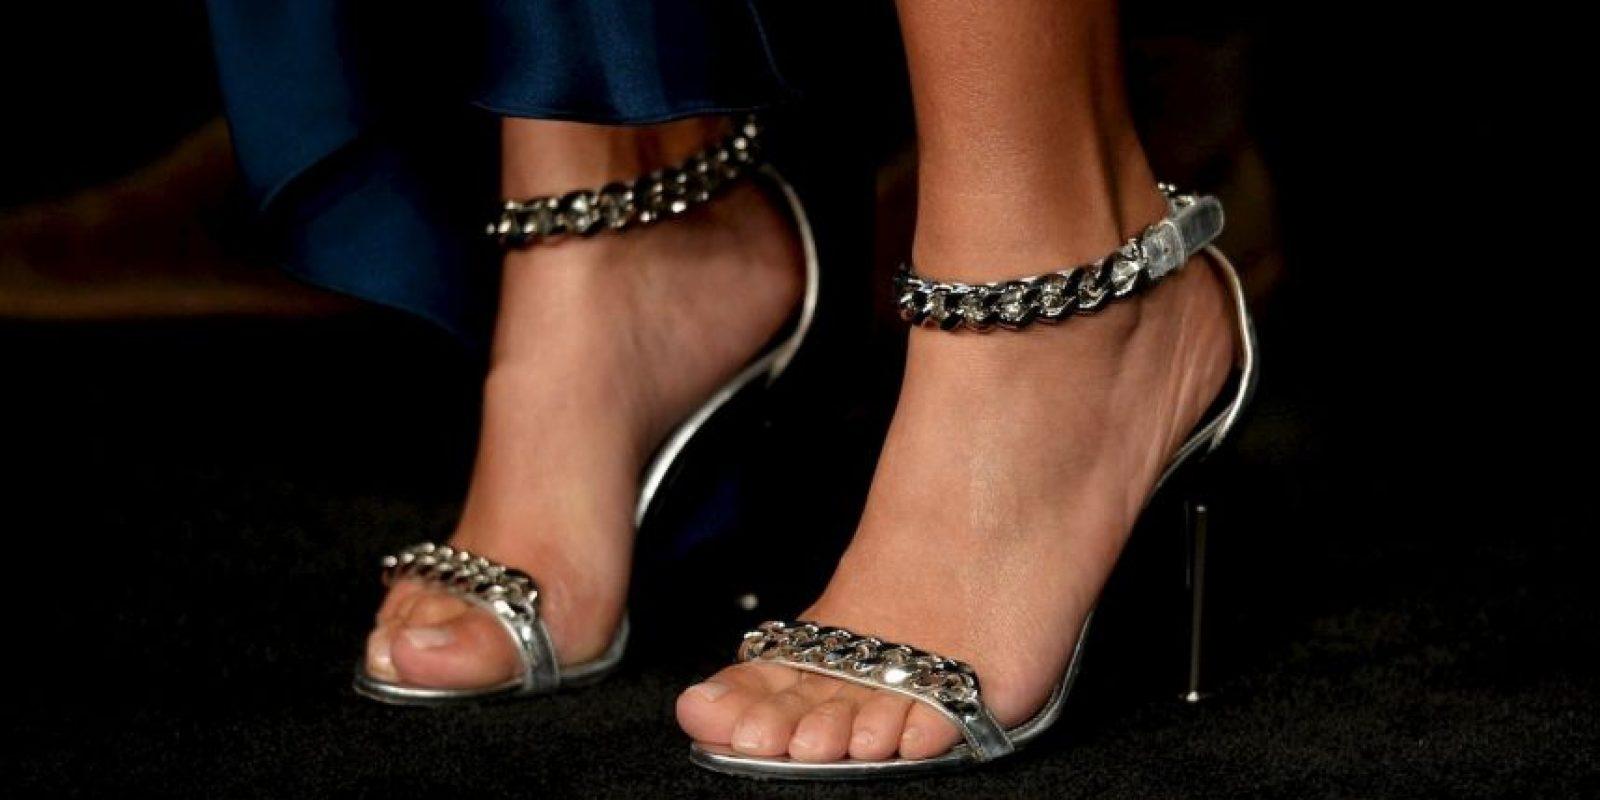 Sus pies pasarán de ser delgados Foto:Getty Images